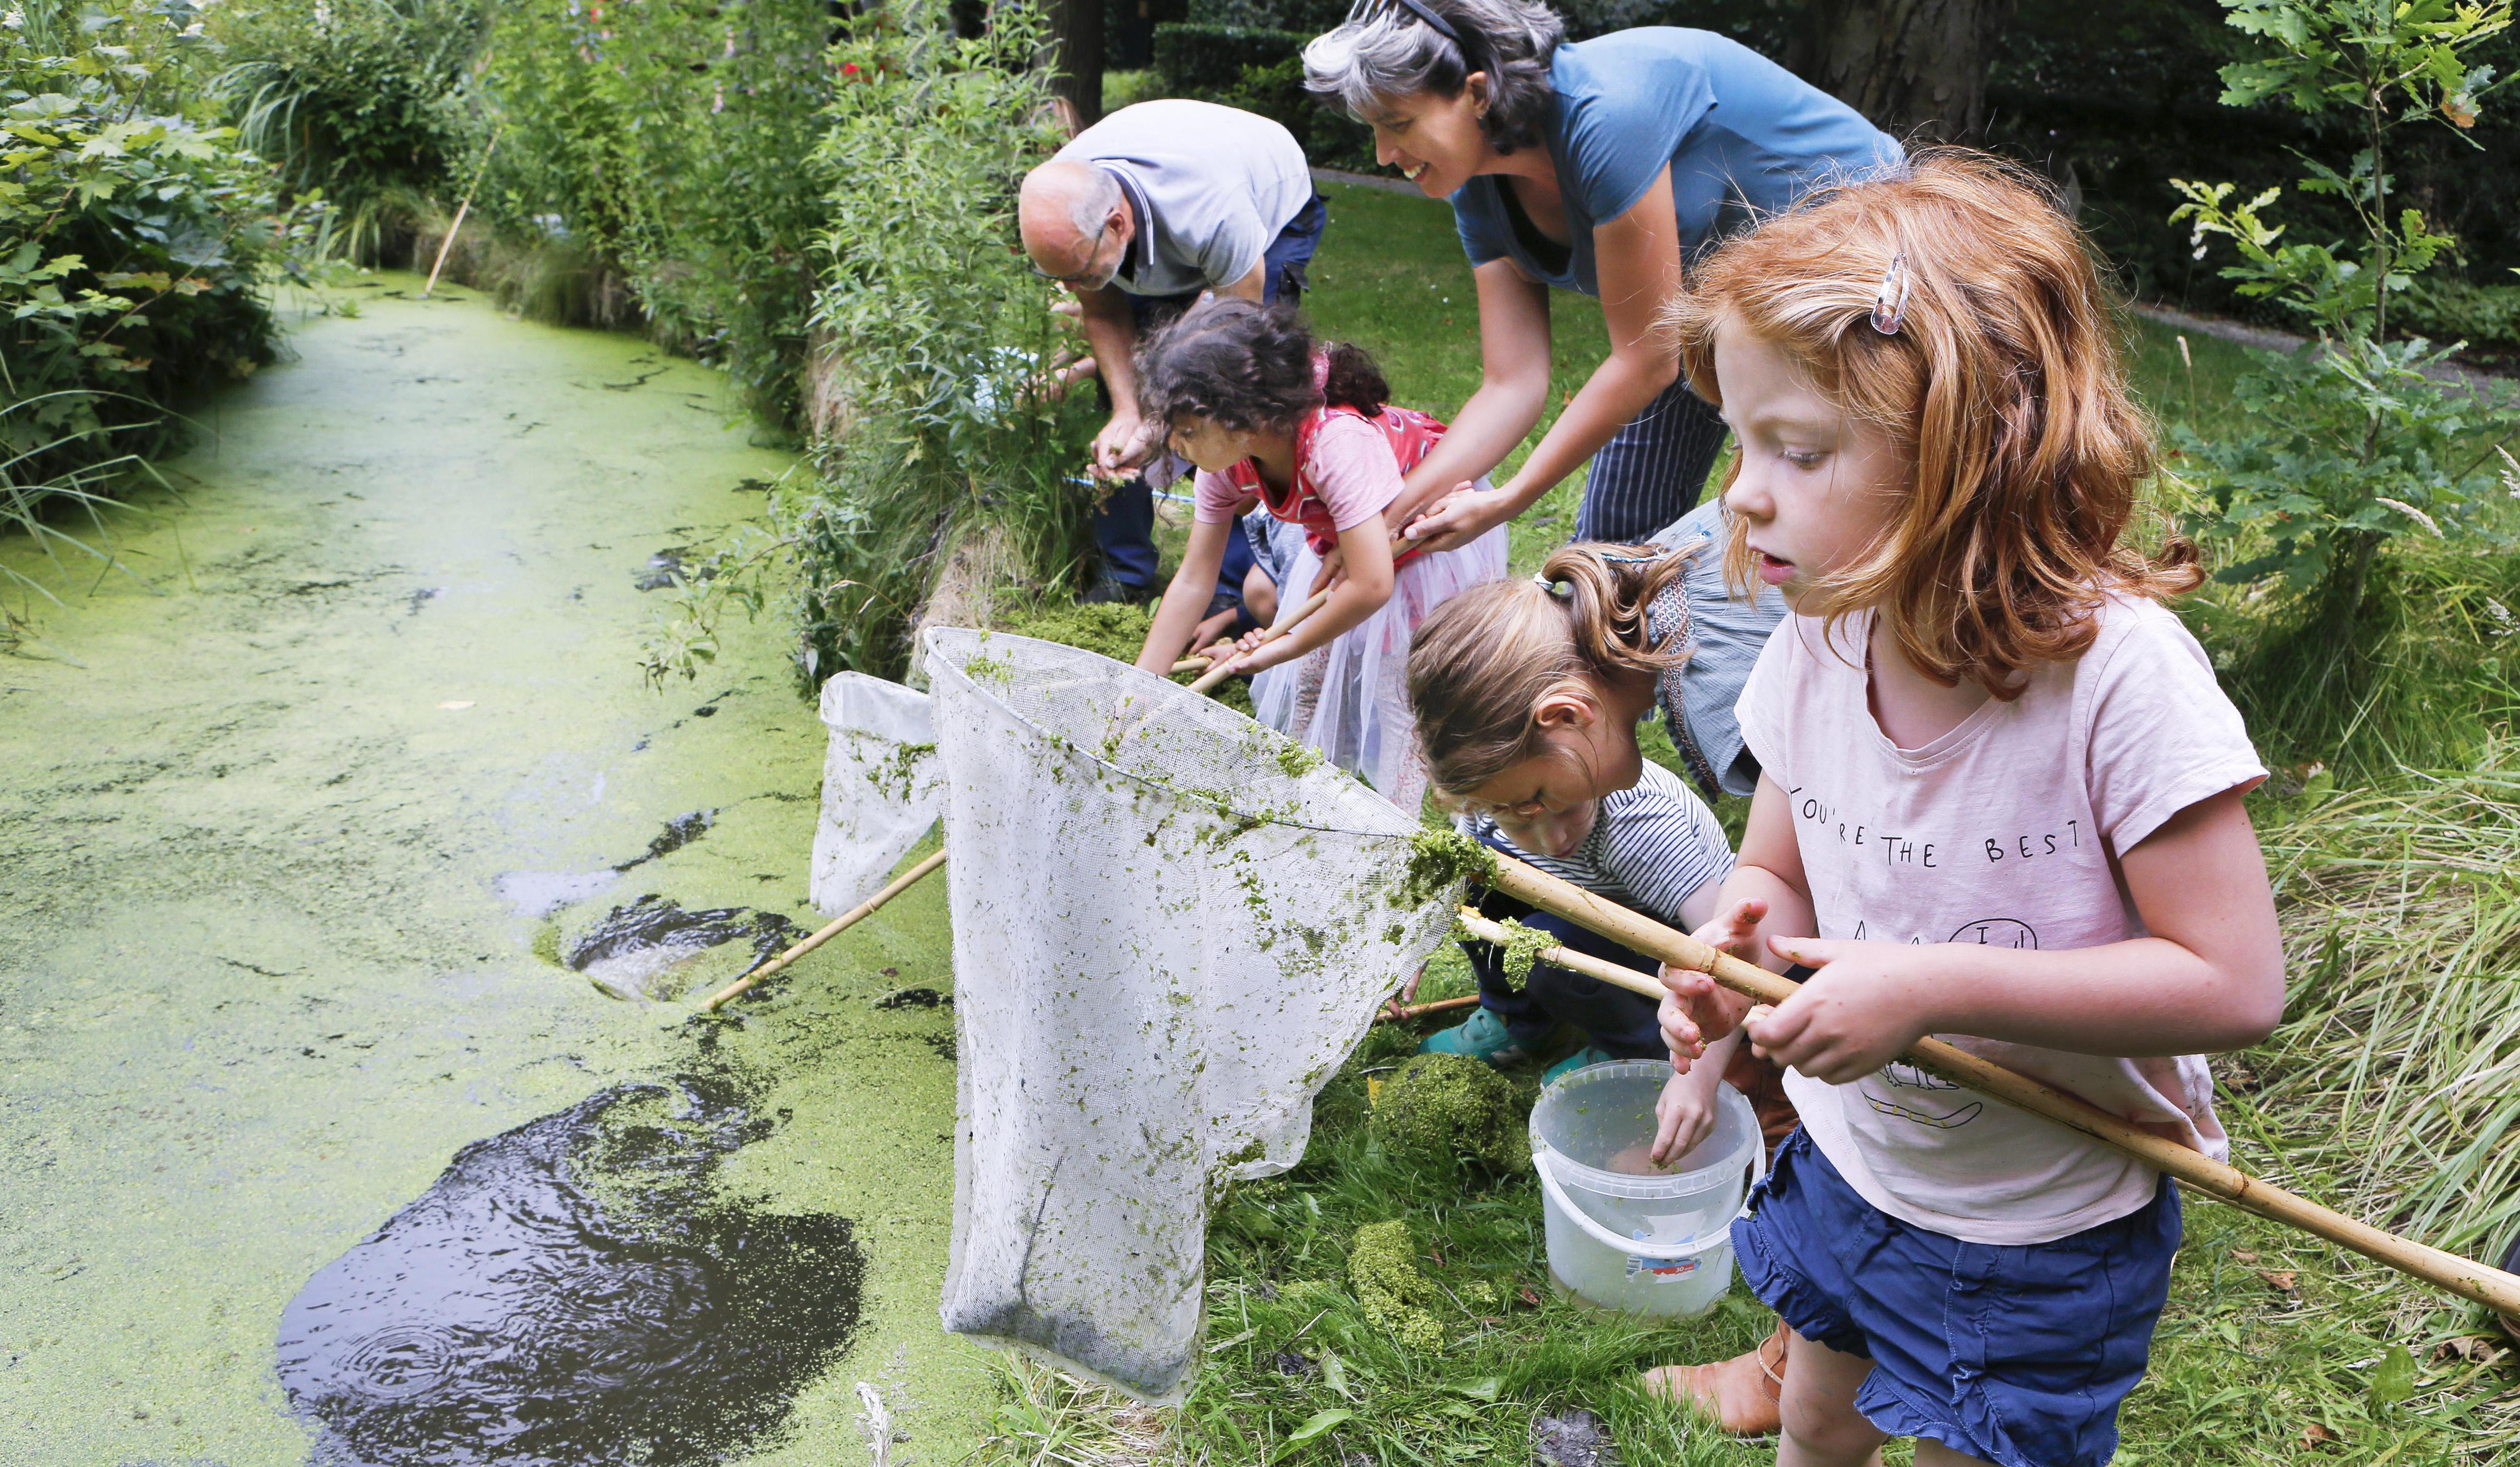 Op watersafari in de sloot van de Haarlemse Kweektuin